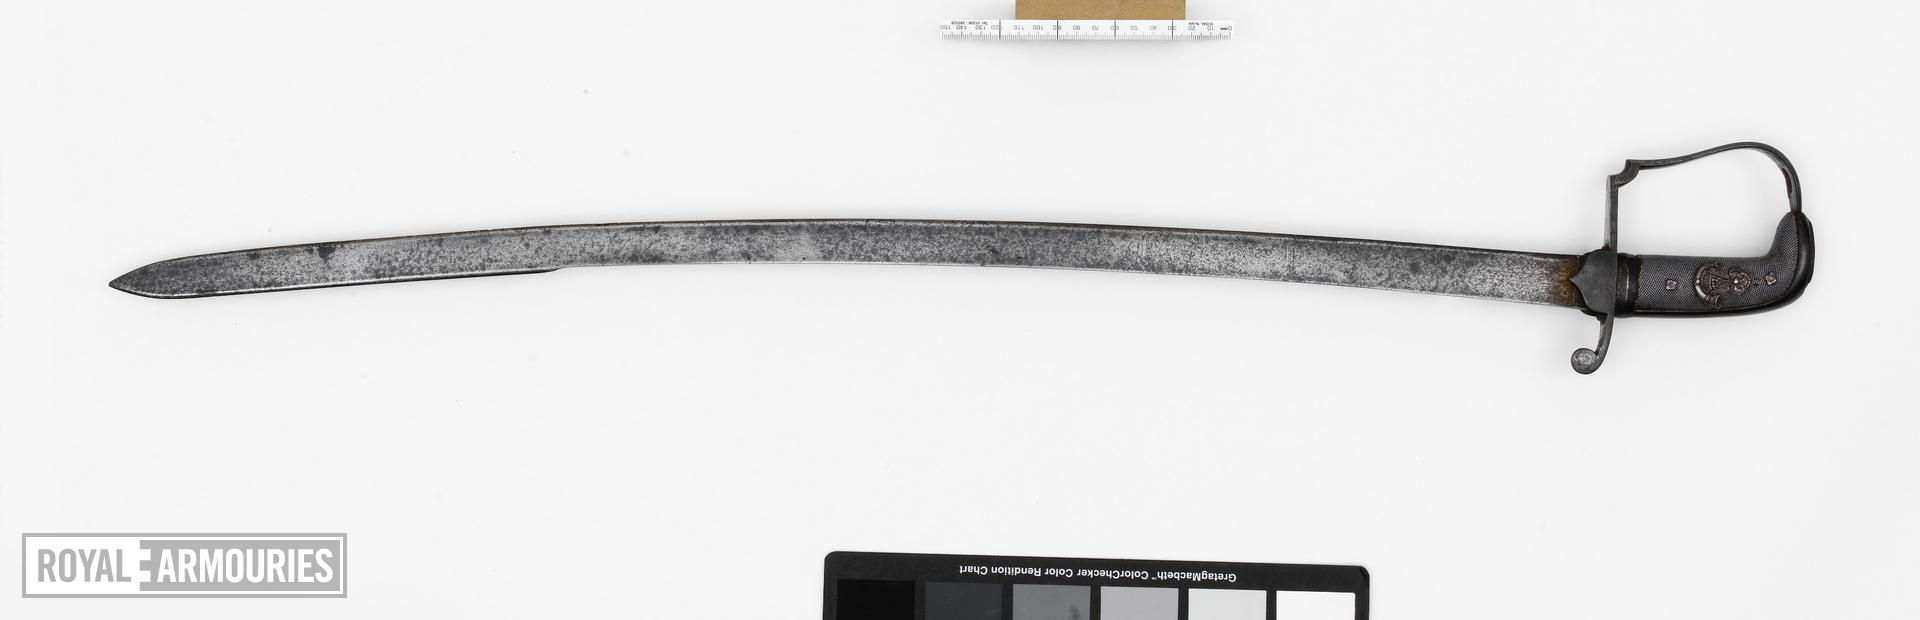 Sword Infantry Officer's sword, 52nd Regiment.